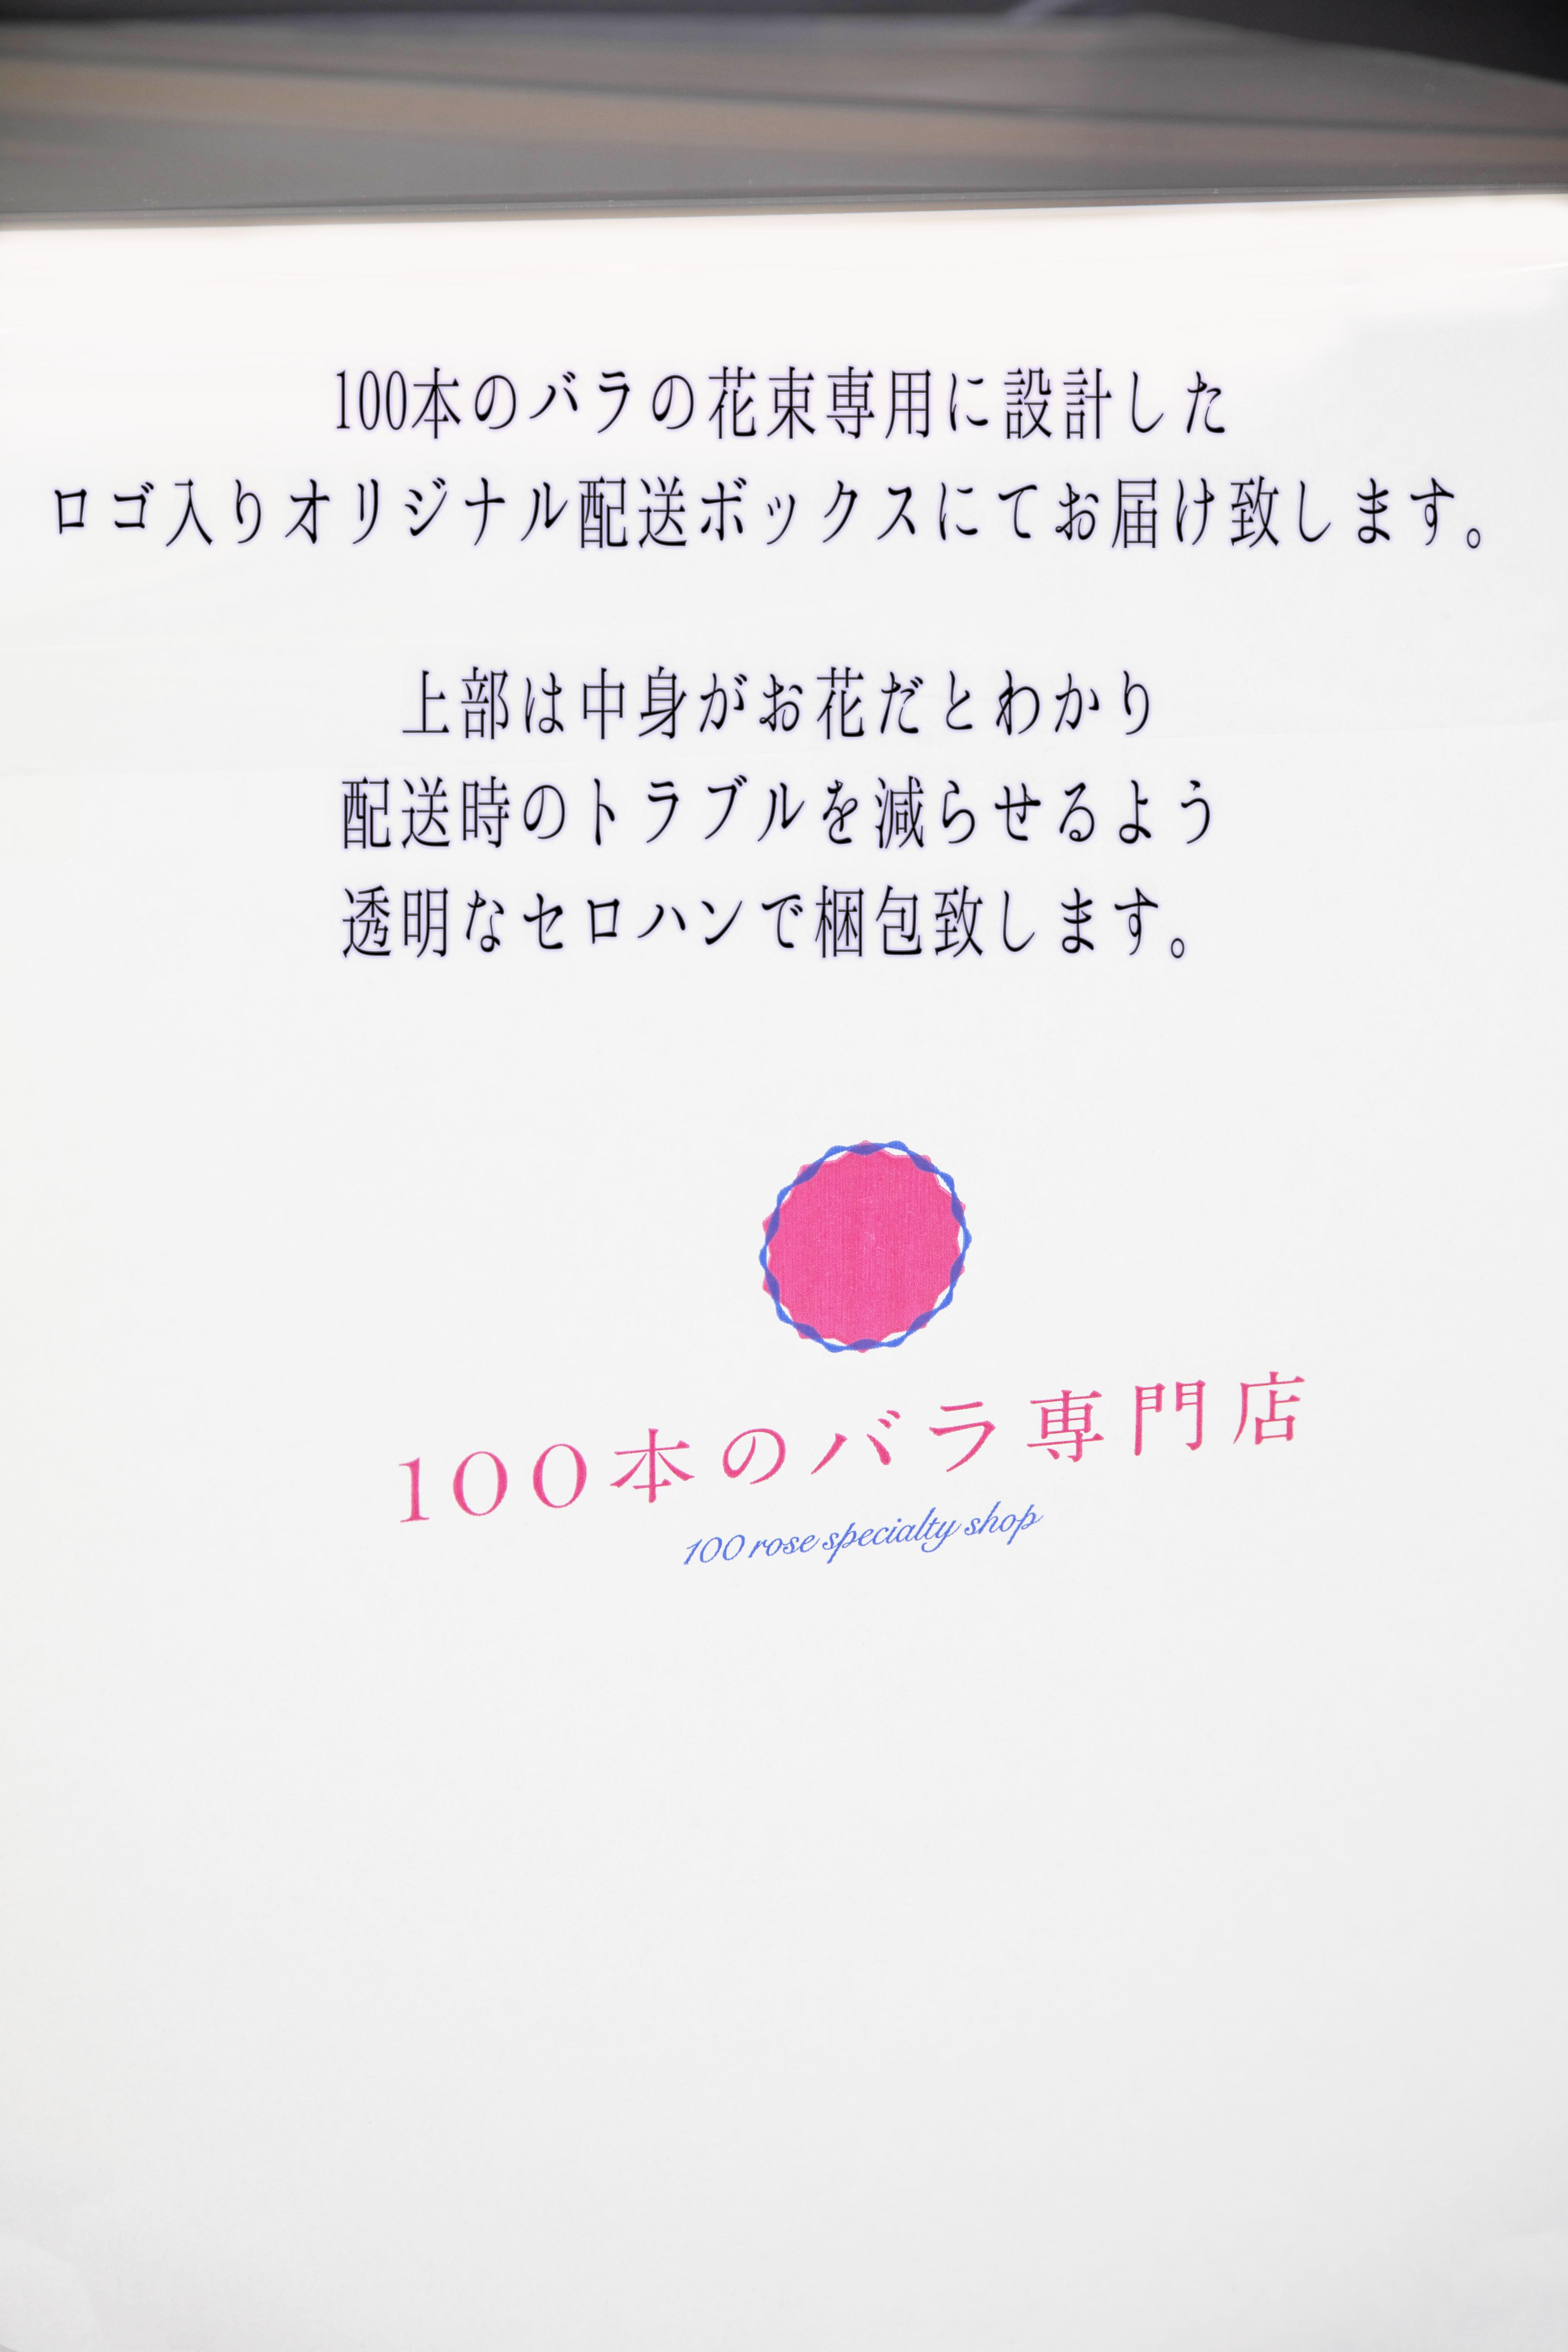 """100本のバラの花束を""""全国配送可能にしたもの""""とは"""